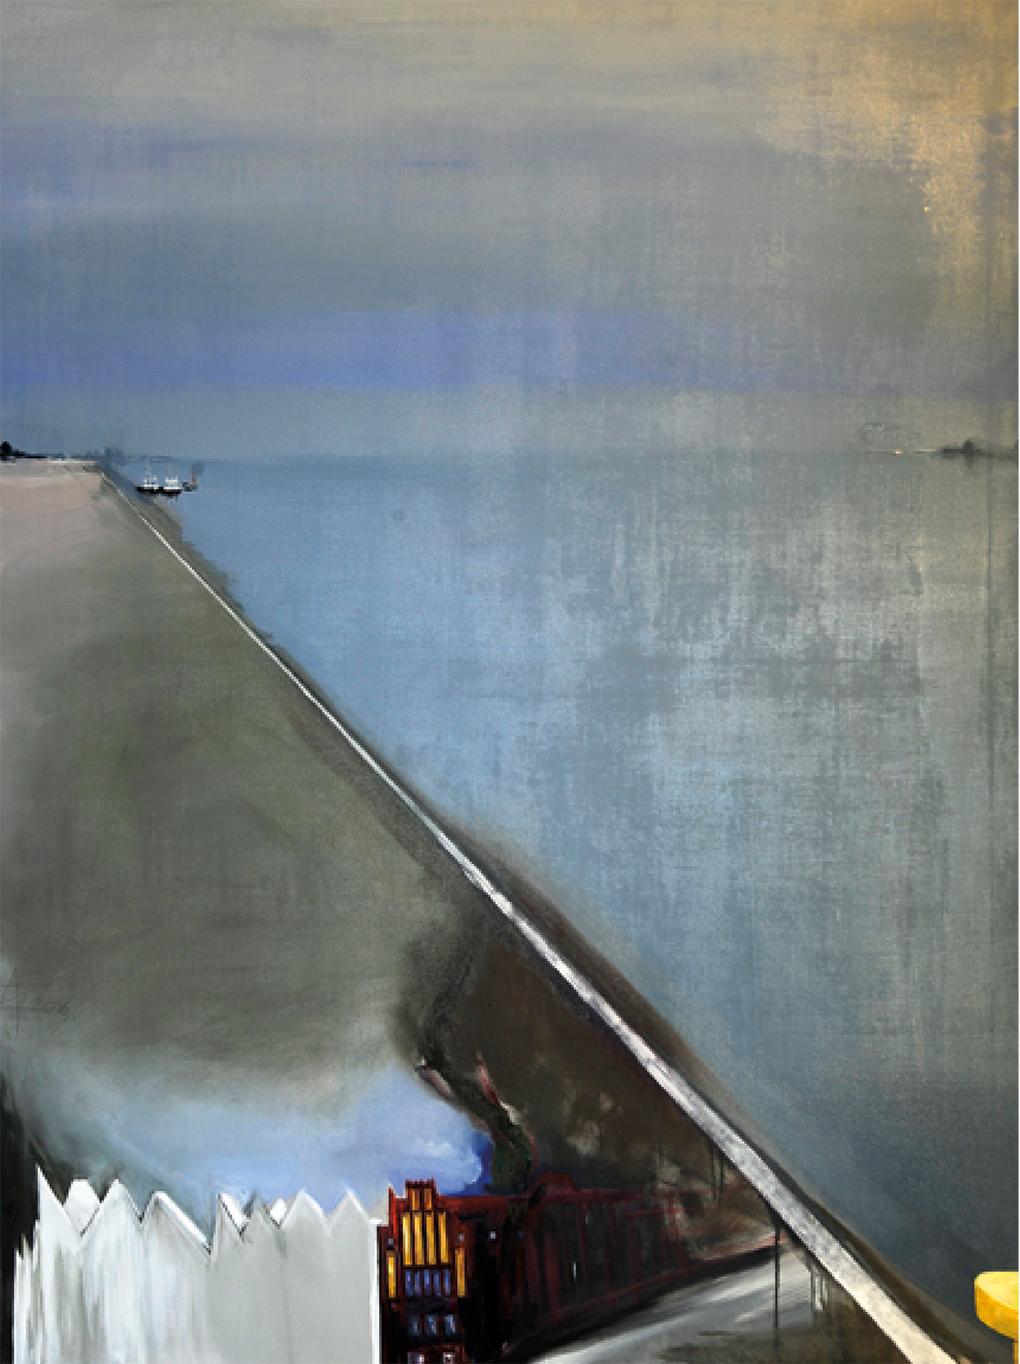 Andrzej Zwierzchowski (ur. / geb. / born 1954, Warszawa / Warschau / Warsaw), Przestrzenie / Räume / Spaces, 2016, olej, płótno / Öl, Leinwand / oil, canvas, 150 × 200 cm, Galeria SalonSztuki.net / Kunstgalerie SalonSztuki.net / art gallery SalonSztuki.net